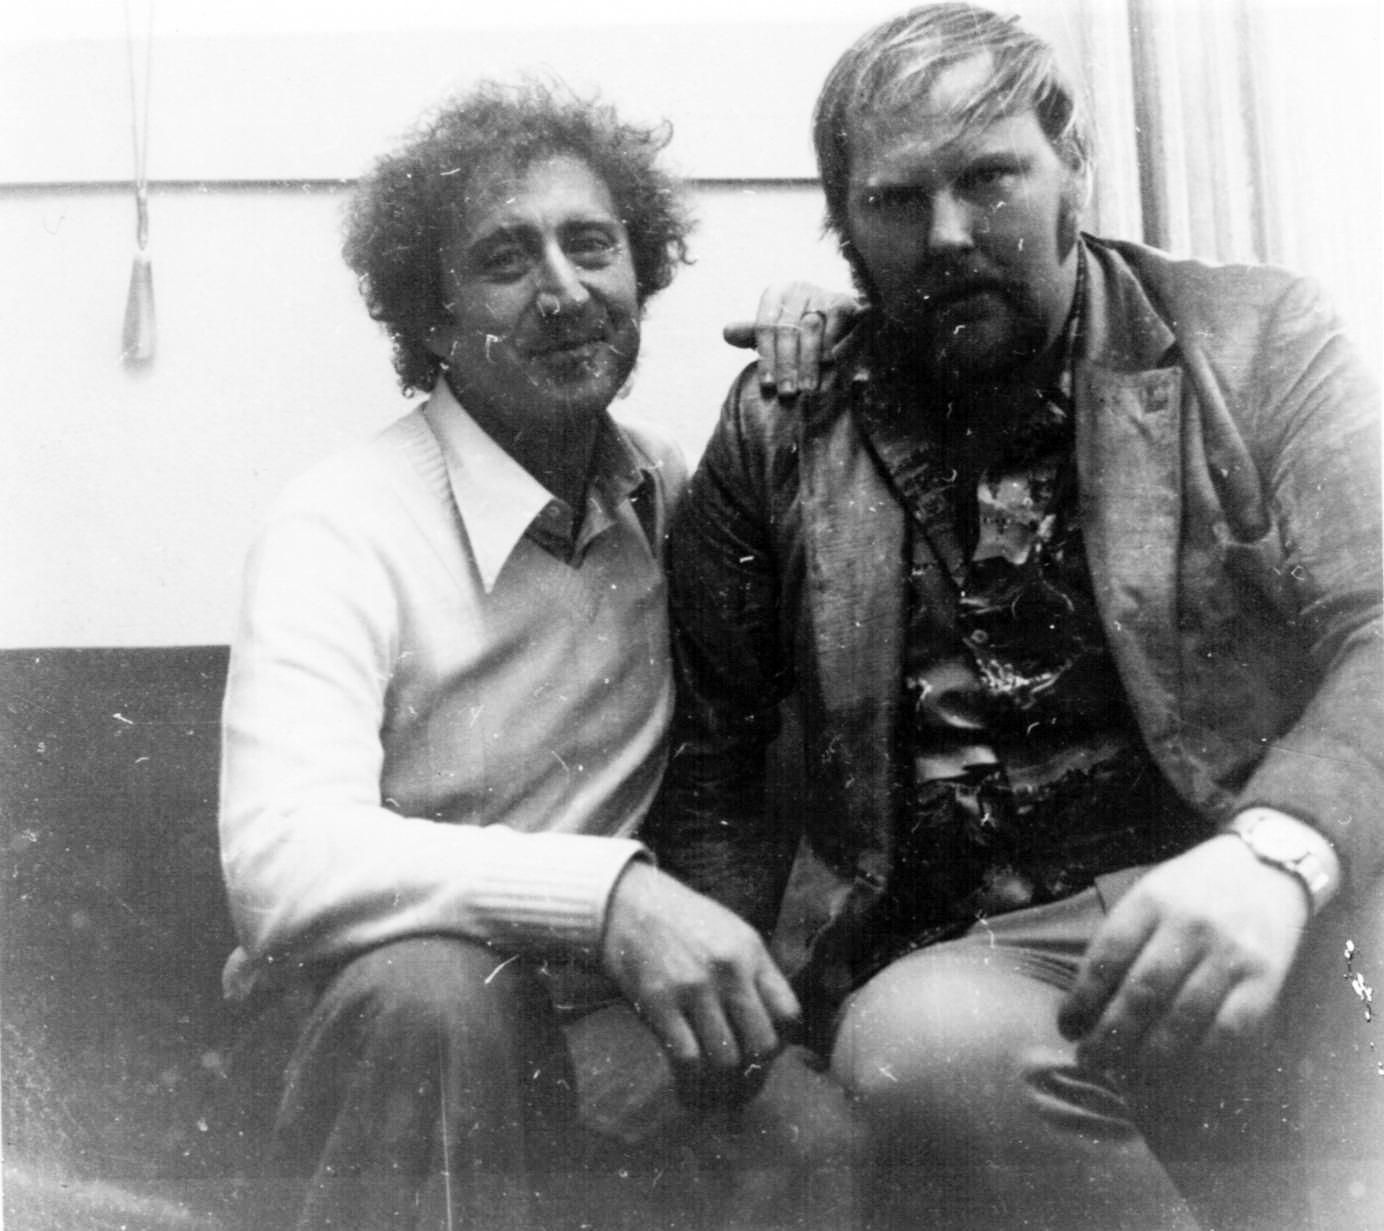 Hollywood - Roland med Gene Wilder som gärna ville bli en ny Cary Grant och Silver Streak kunde bli hans North By North West